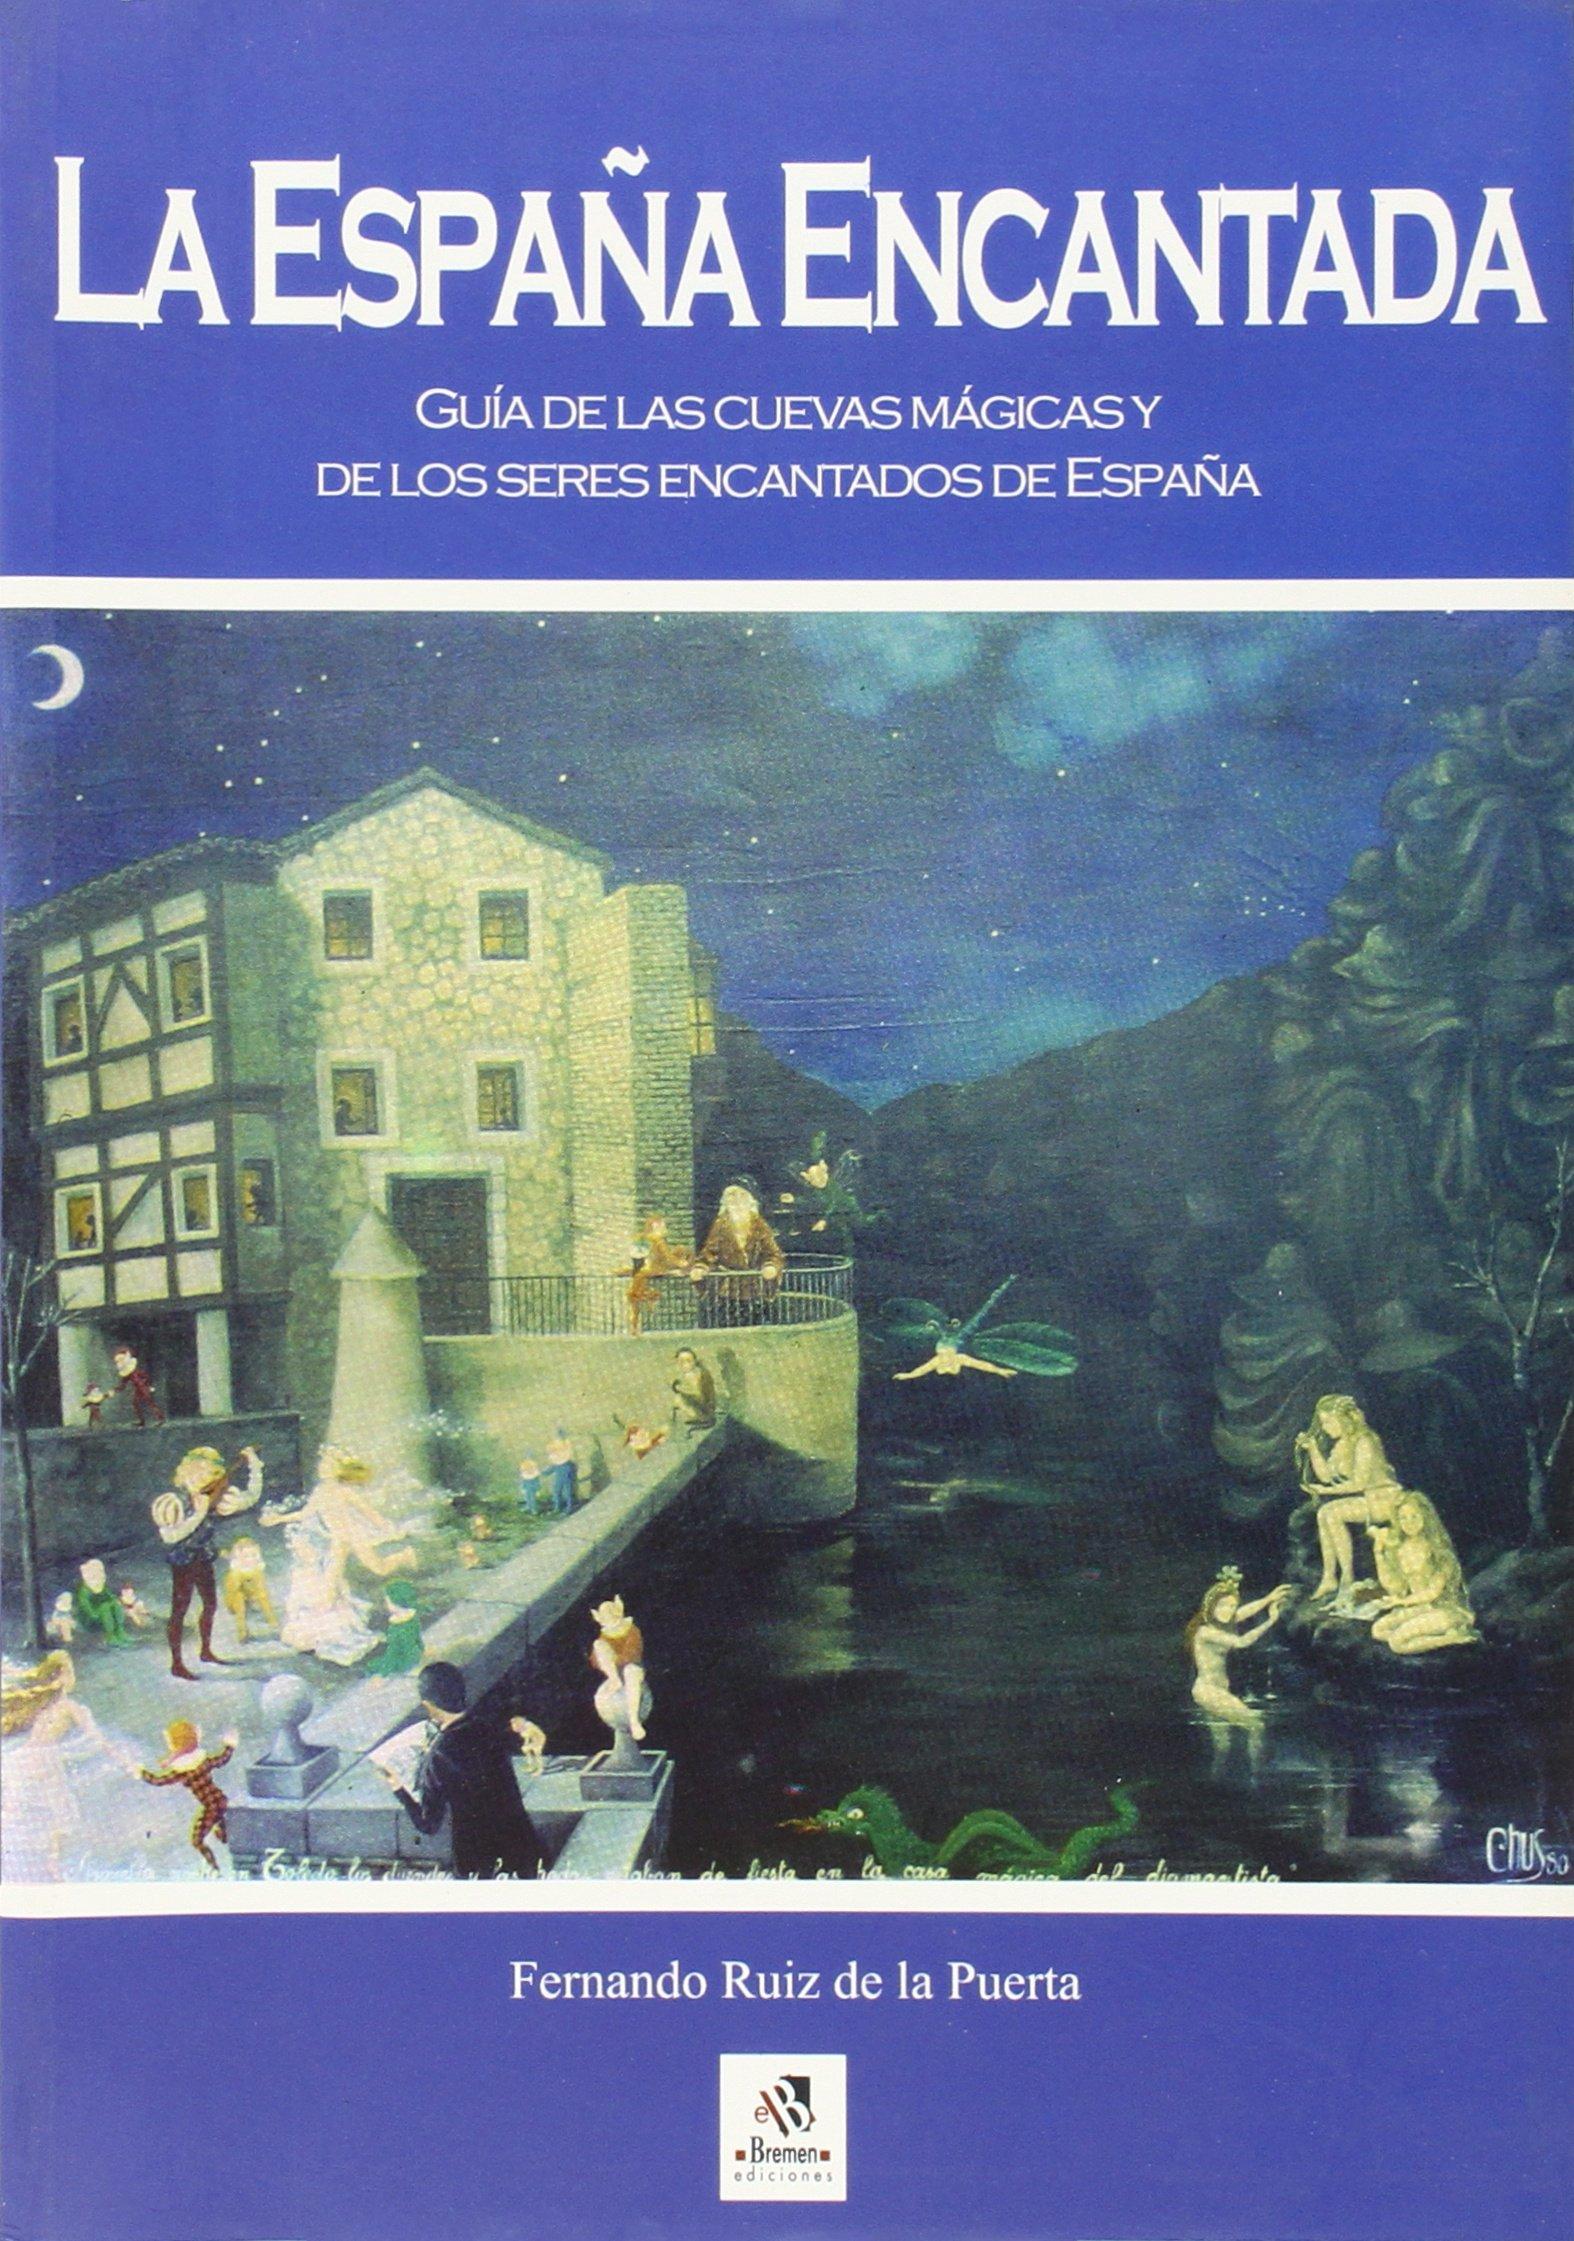 ESPAÑA ENCANTADA GUIA CUEVAS MAGICAS: Amazon.es: Ruiz De La Puerta, Fernando: Libros